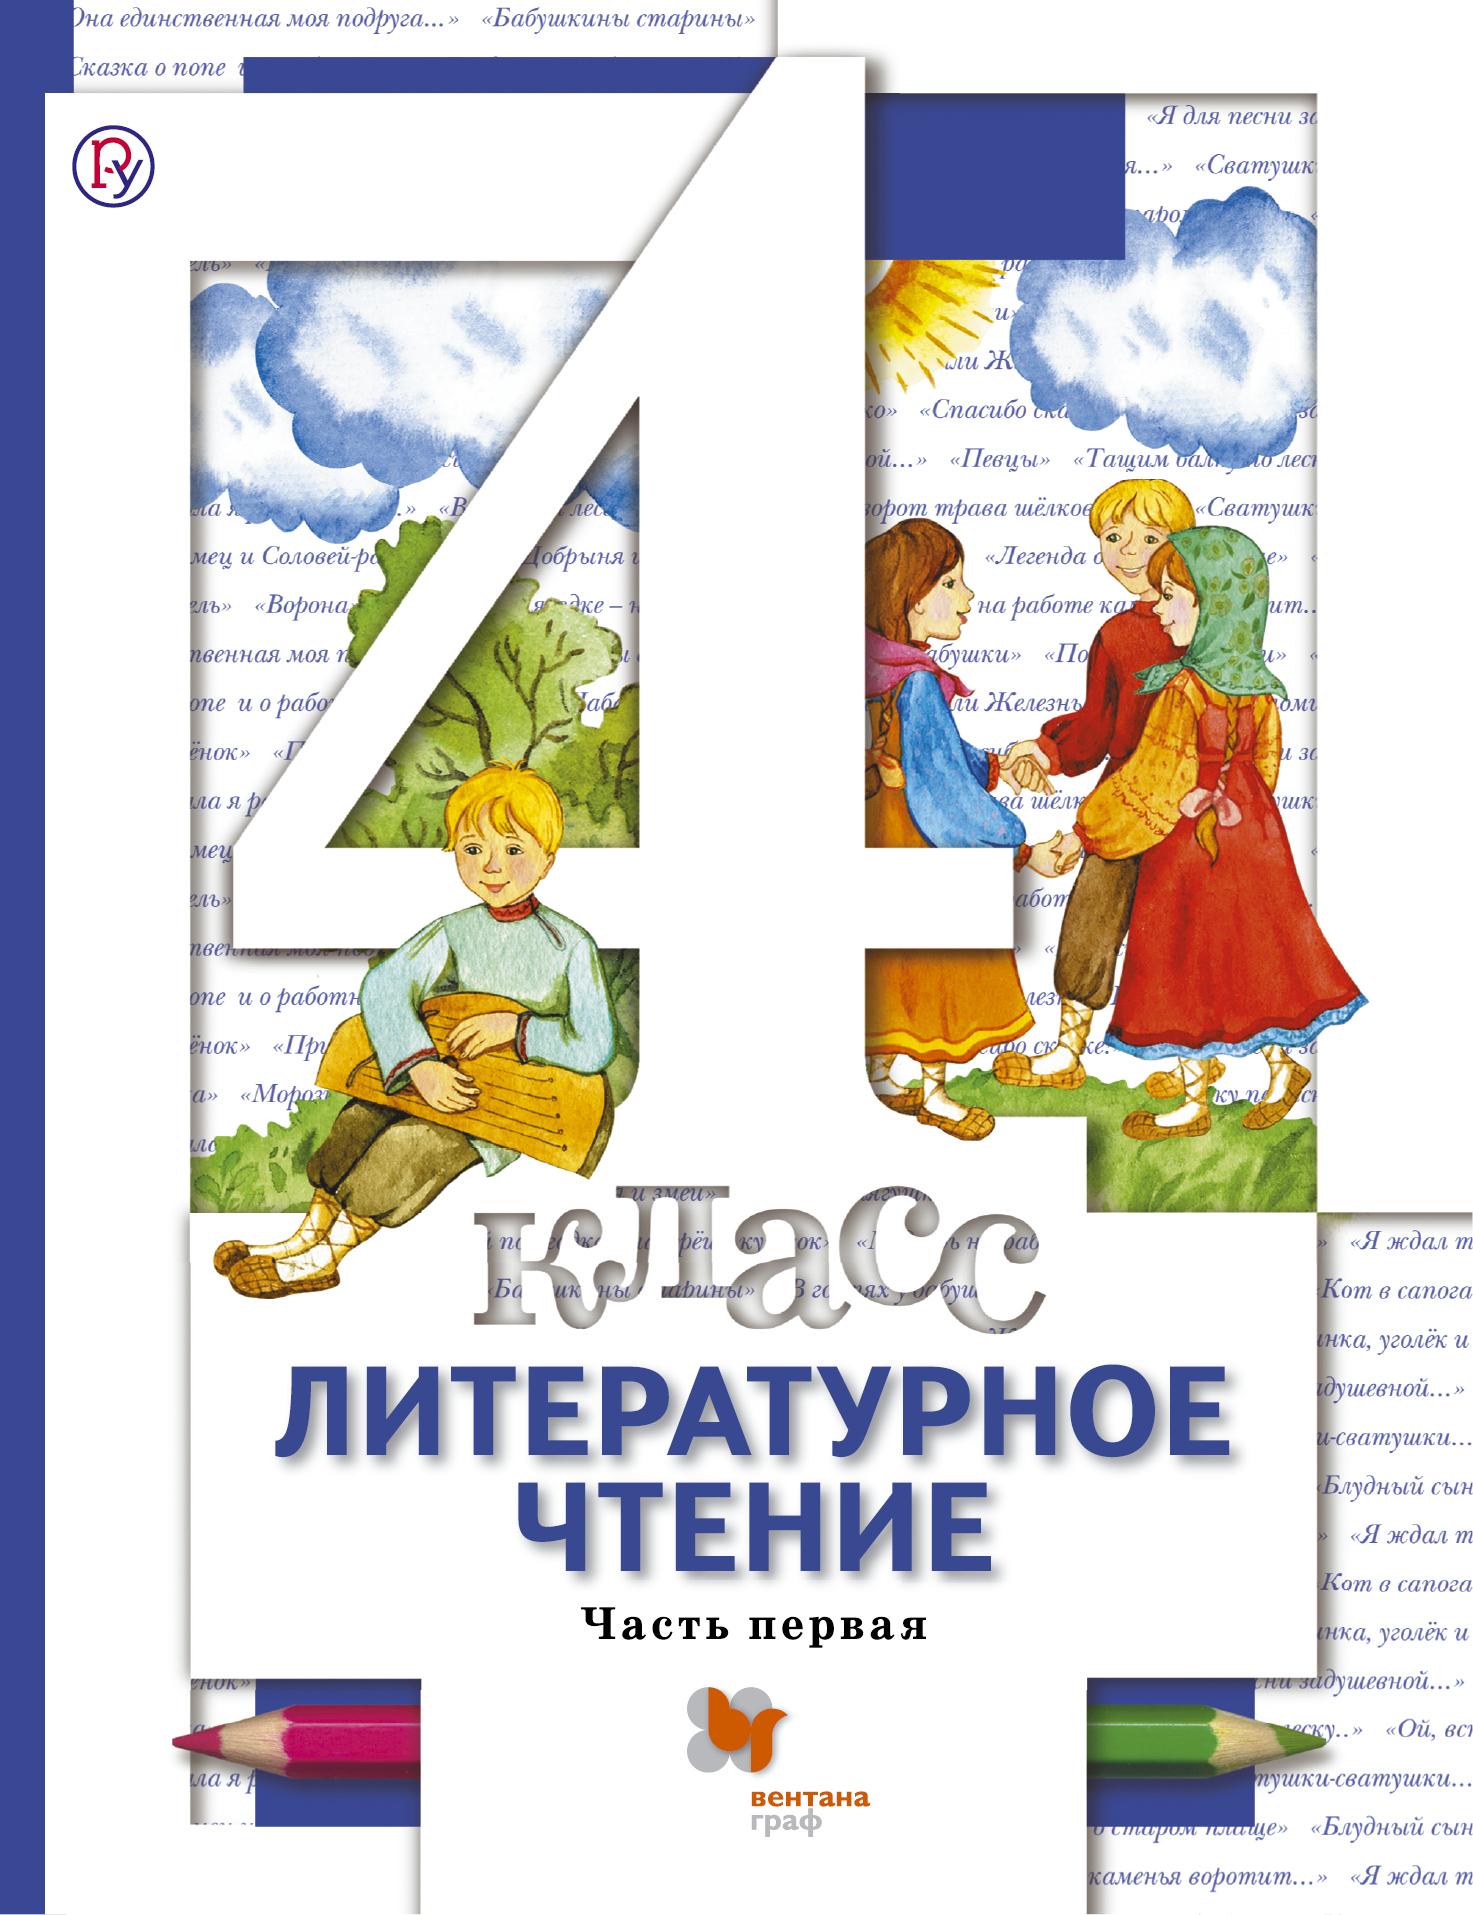 Литературное чтение. 4класс. Учебник Часть 1 | Петрова Вера Ивановна, Хомякова И. С.